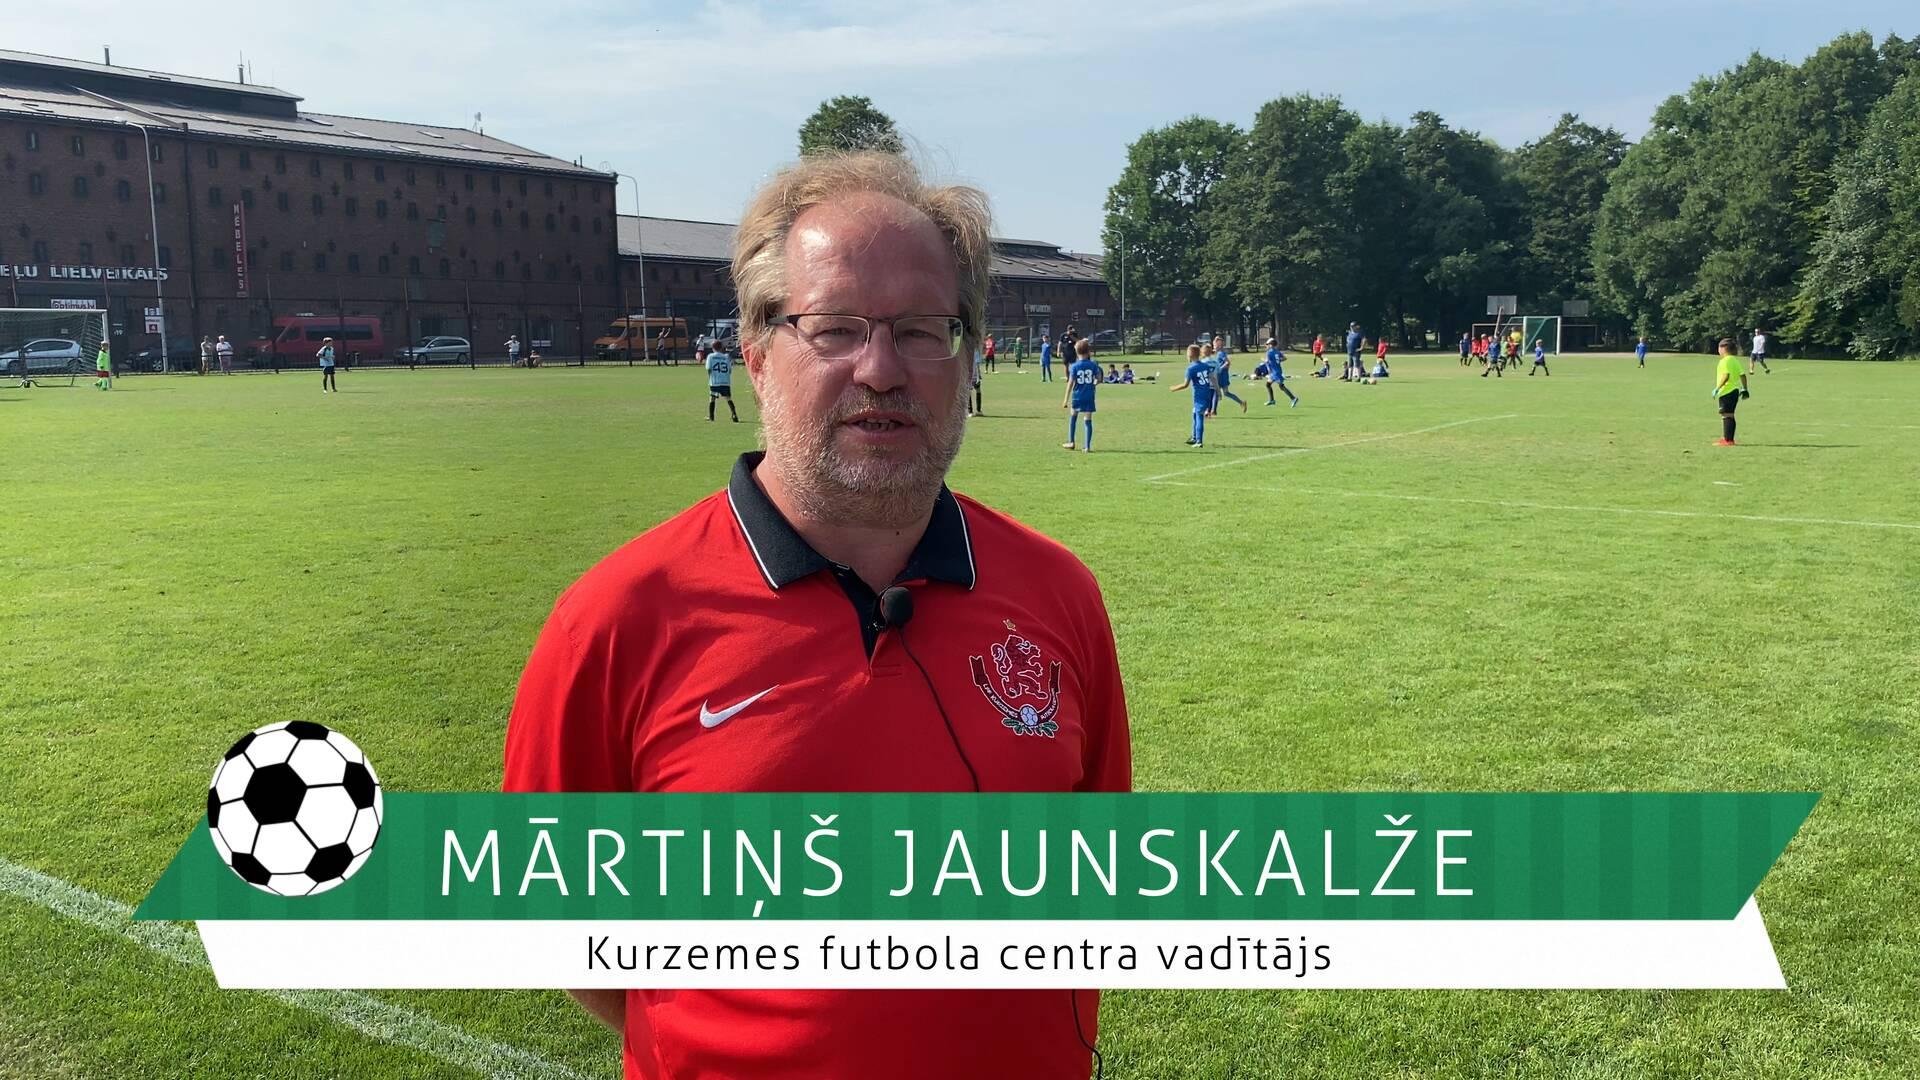 #FutbolsReģionos: saruna ar Kurzemes futbola centra vadītāju Mārtiņu Jaunskalži